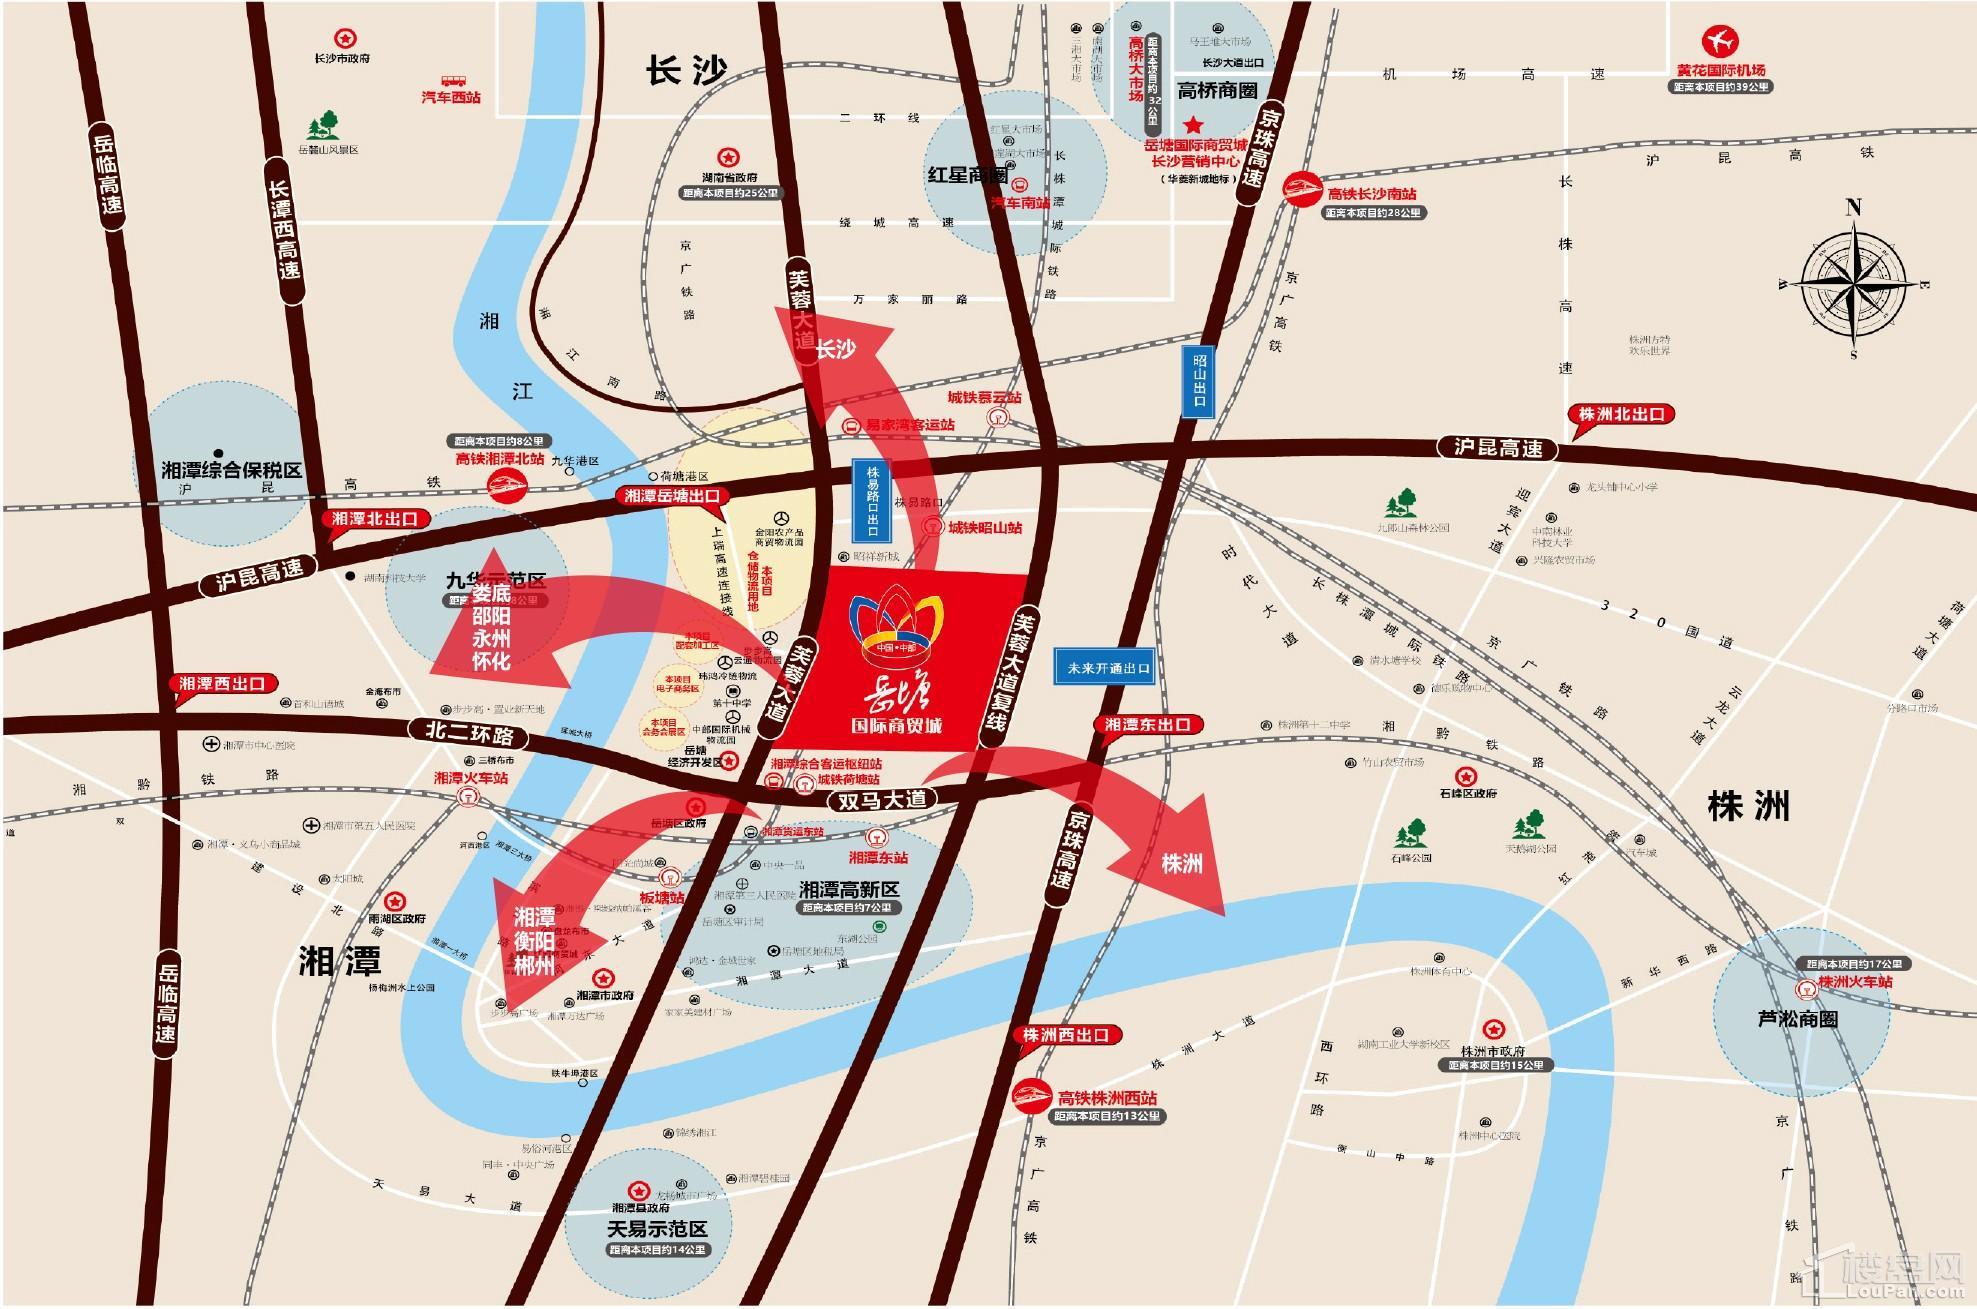 中国(中部)岳塘国际商贸城位置图